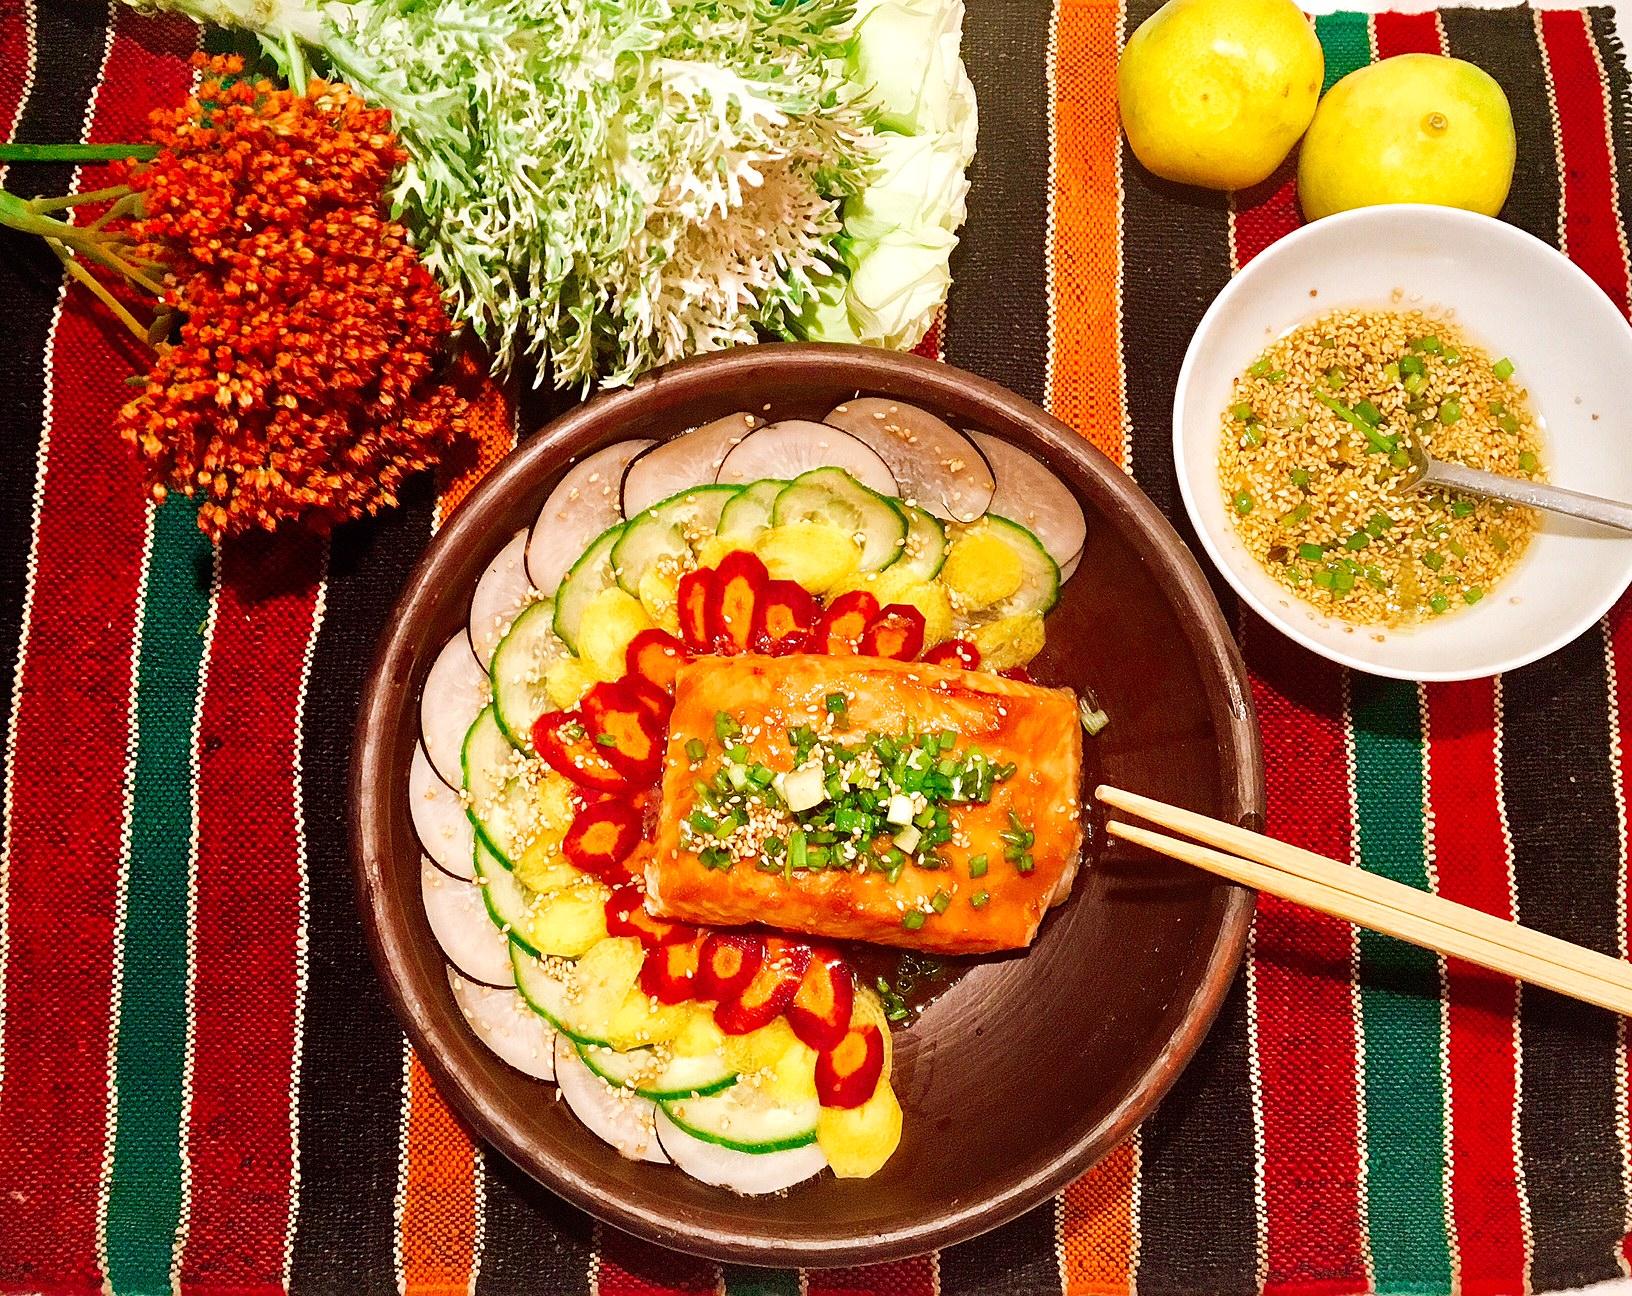 Saumon grillé au miso blanc, salade au radis noir